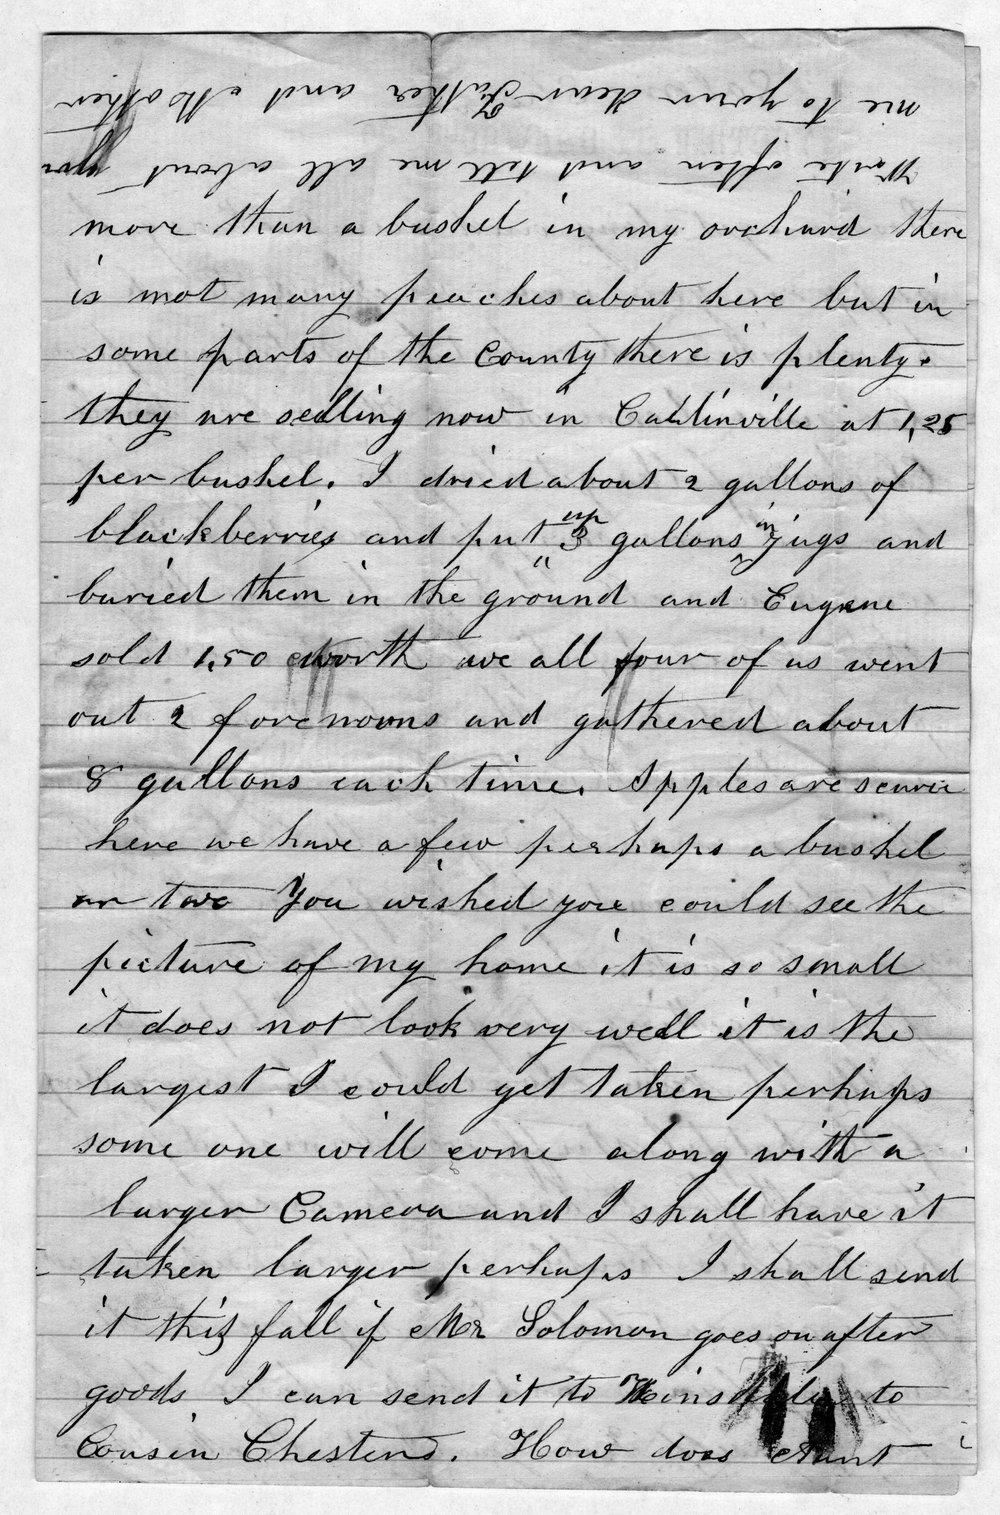 Hiram Hill family correspondence and diary - 12